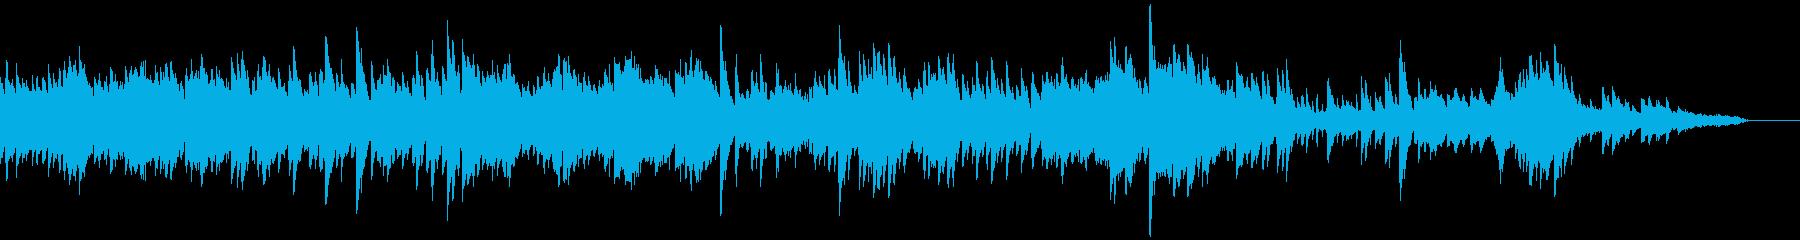 フレッシュな雰囲気のピアノソロジングル5の再生済みの波形